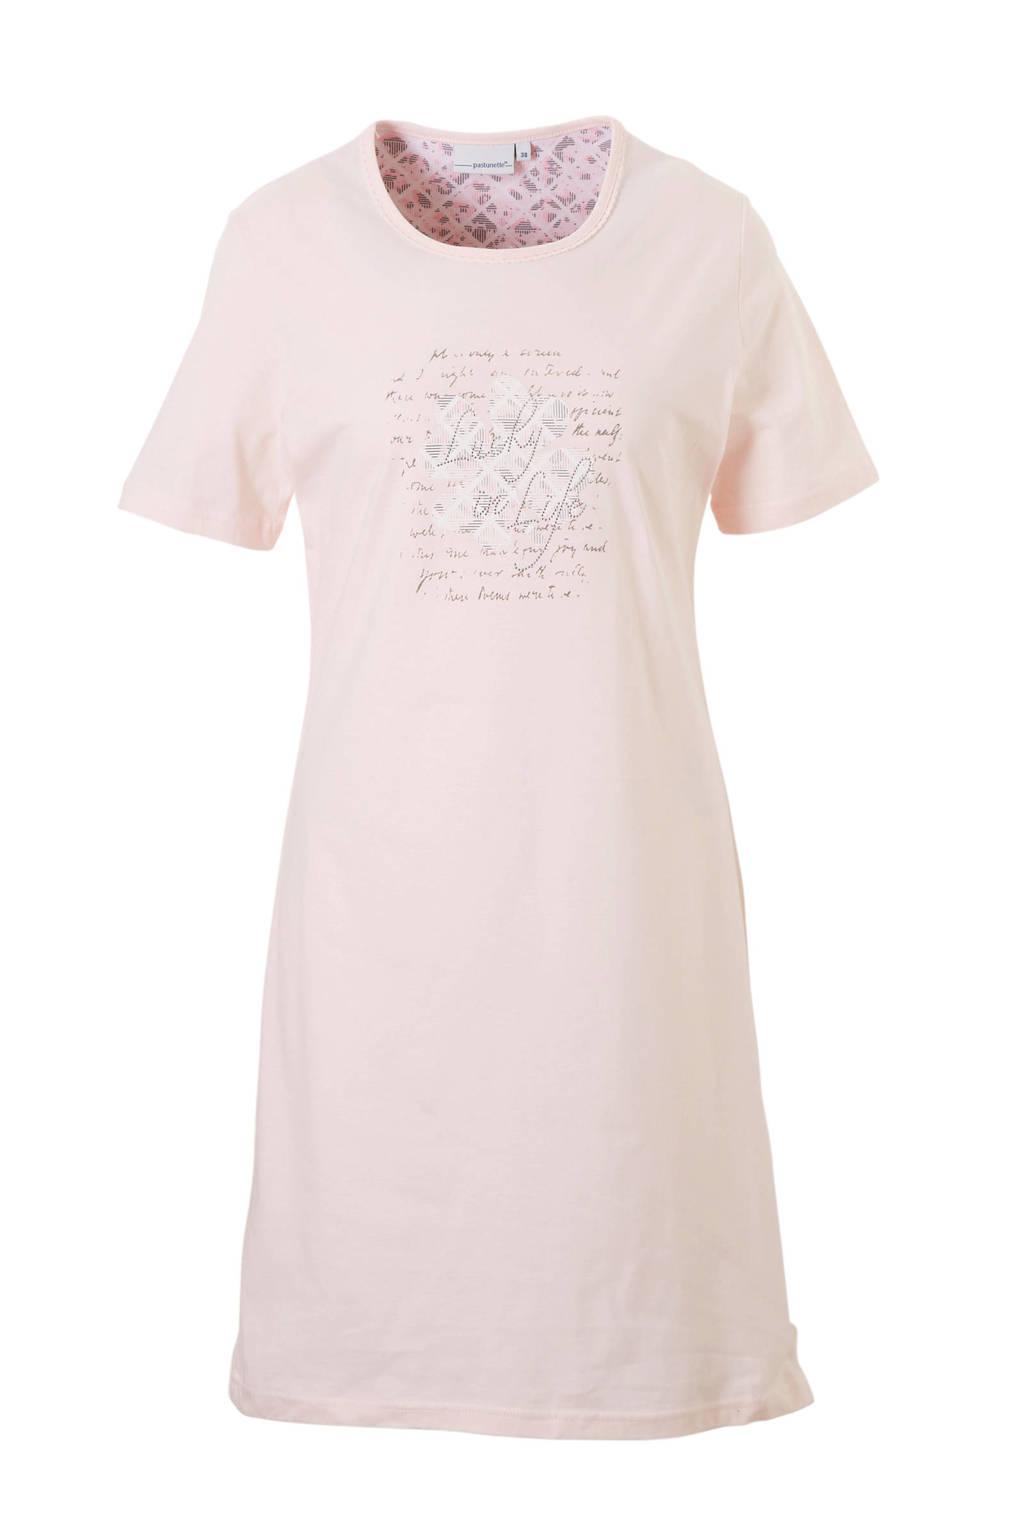 Pastunette nachthemd met printopdruk roze, Zachtroze